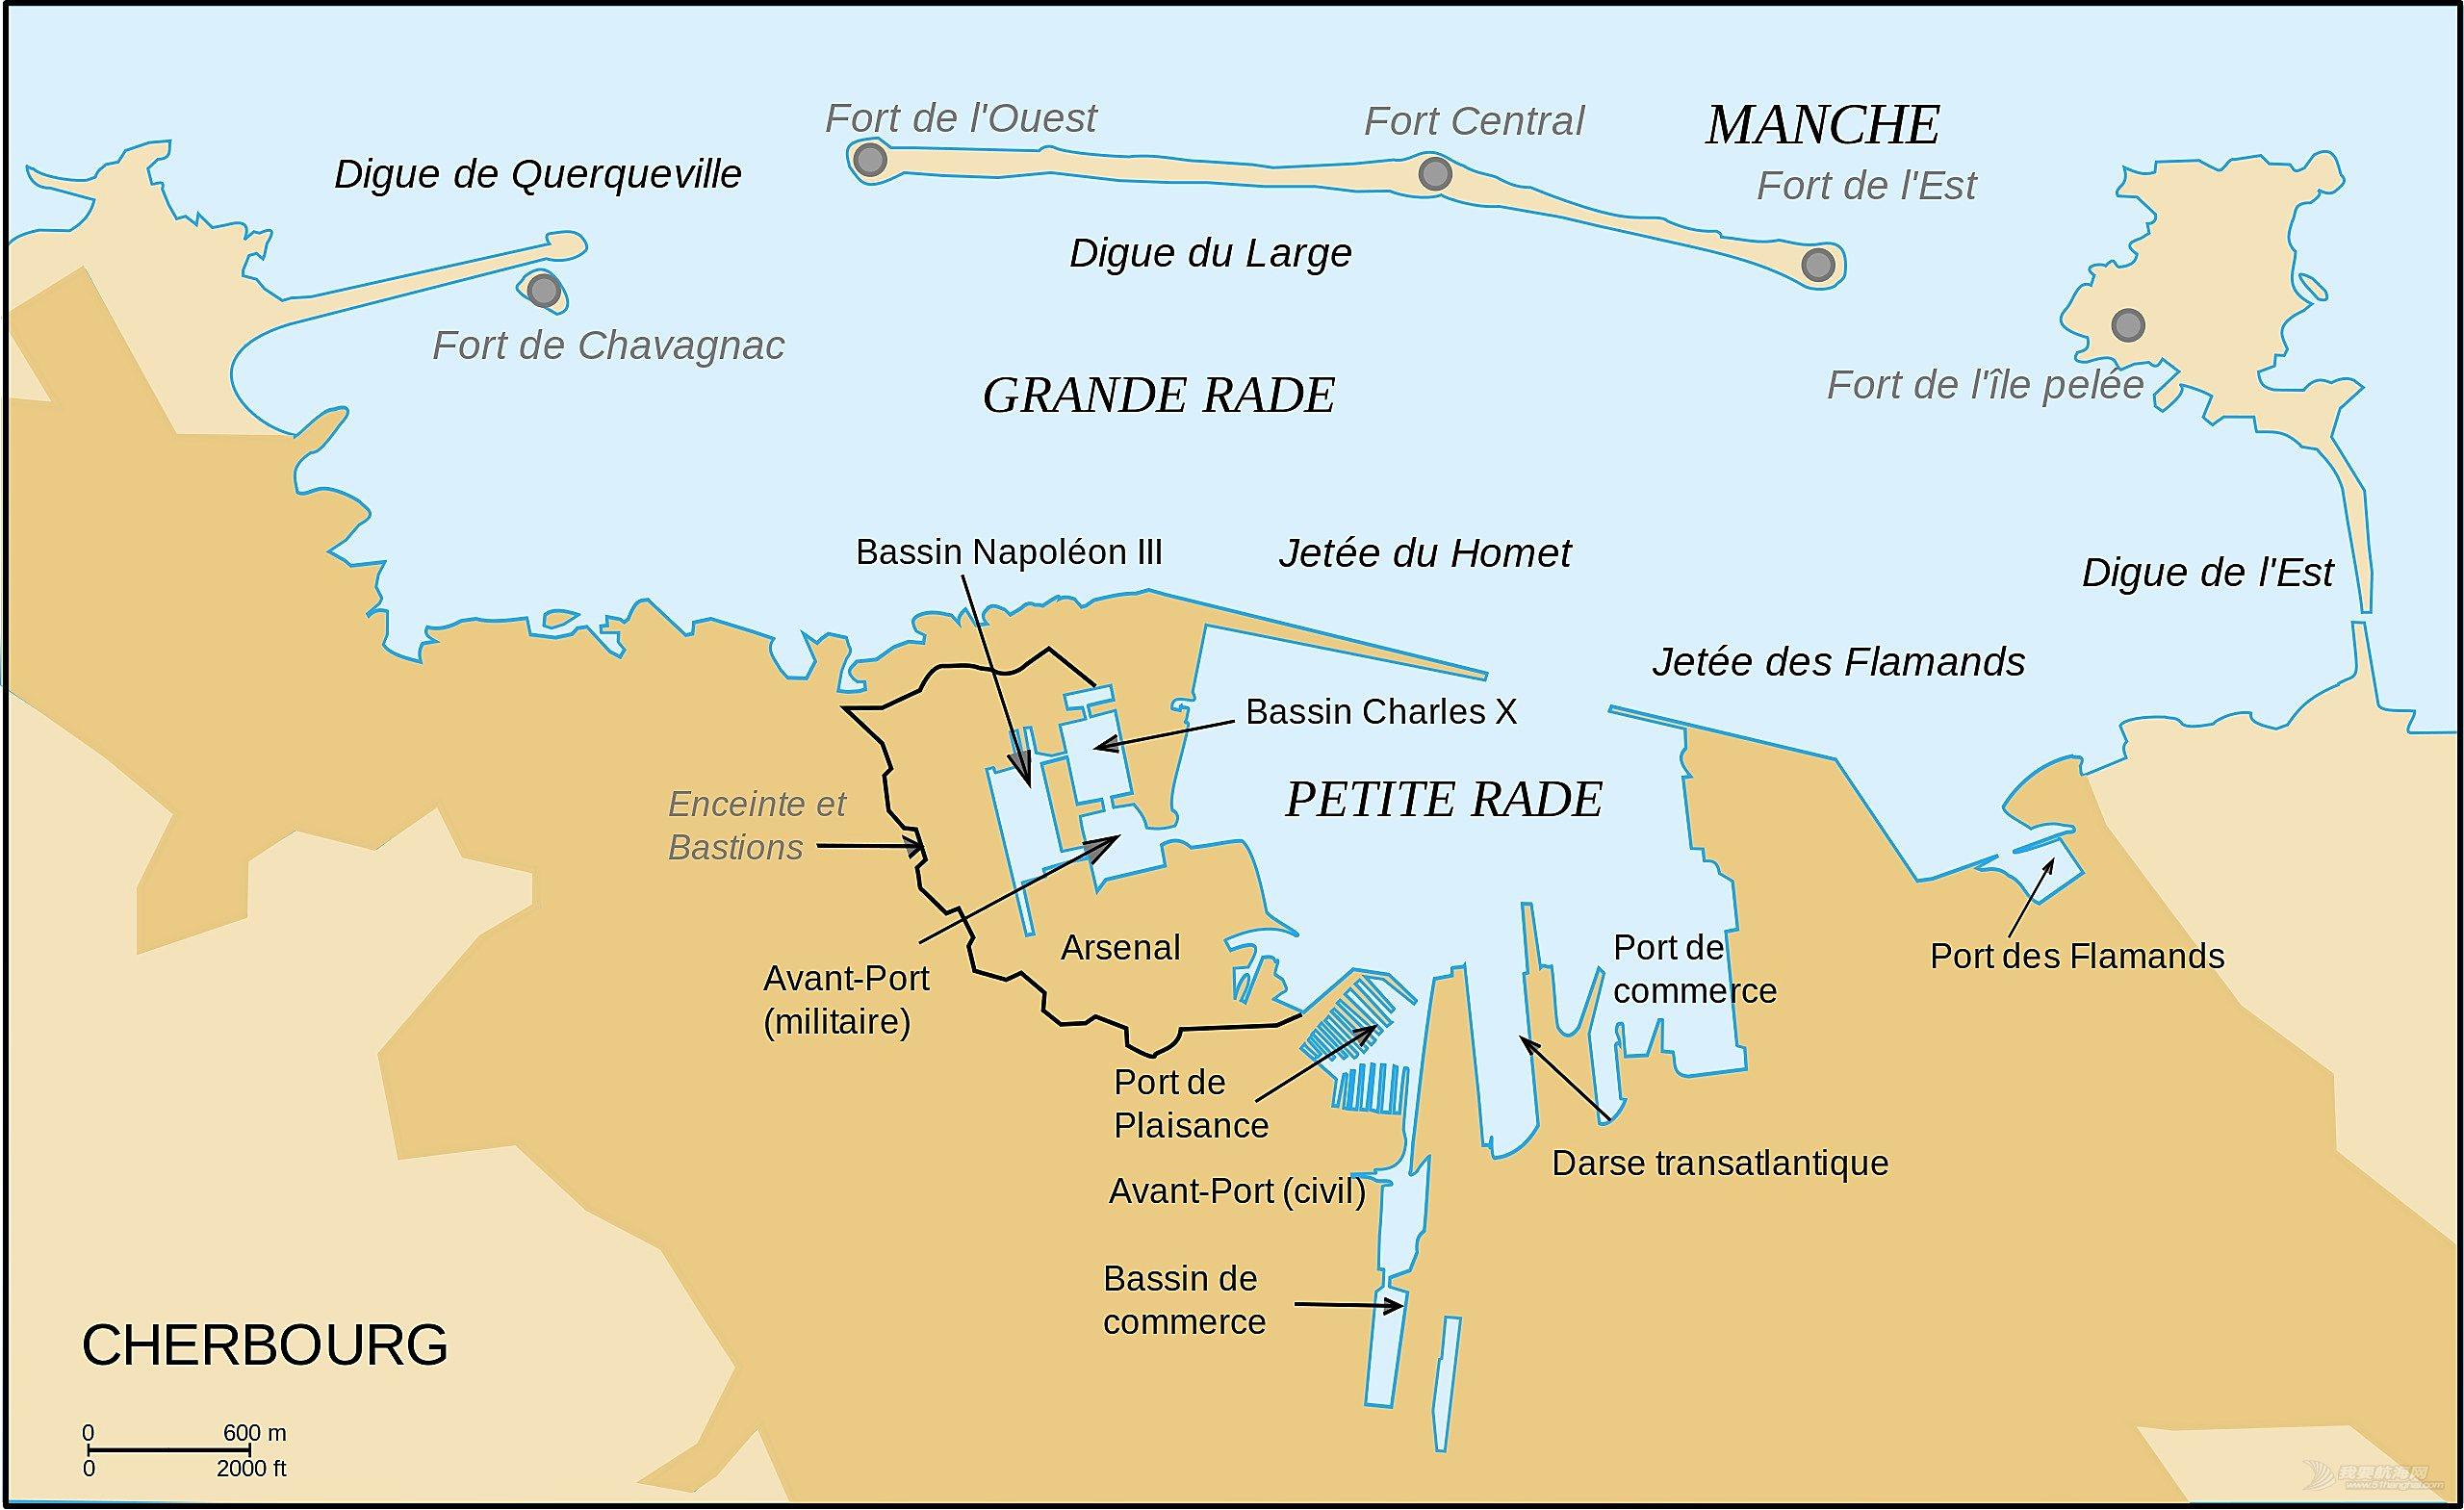 诺曼底登陆,美国士兵,艺术创作,世界大战,轰炸机 瑟堡要塞深水港,犹他登陆长沙滩。---《再济沧海》